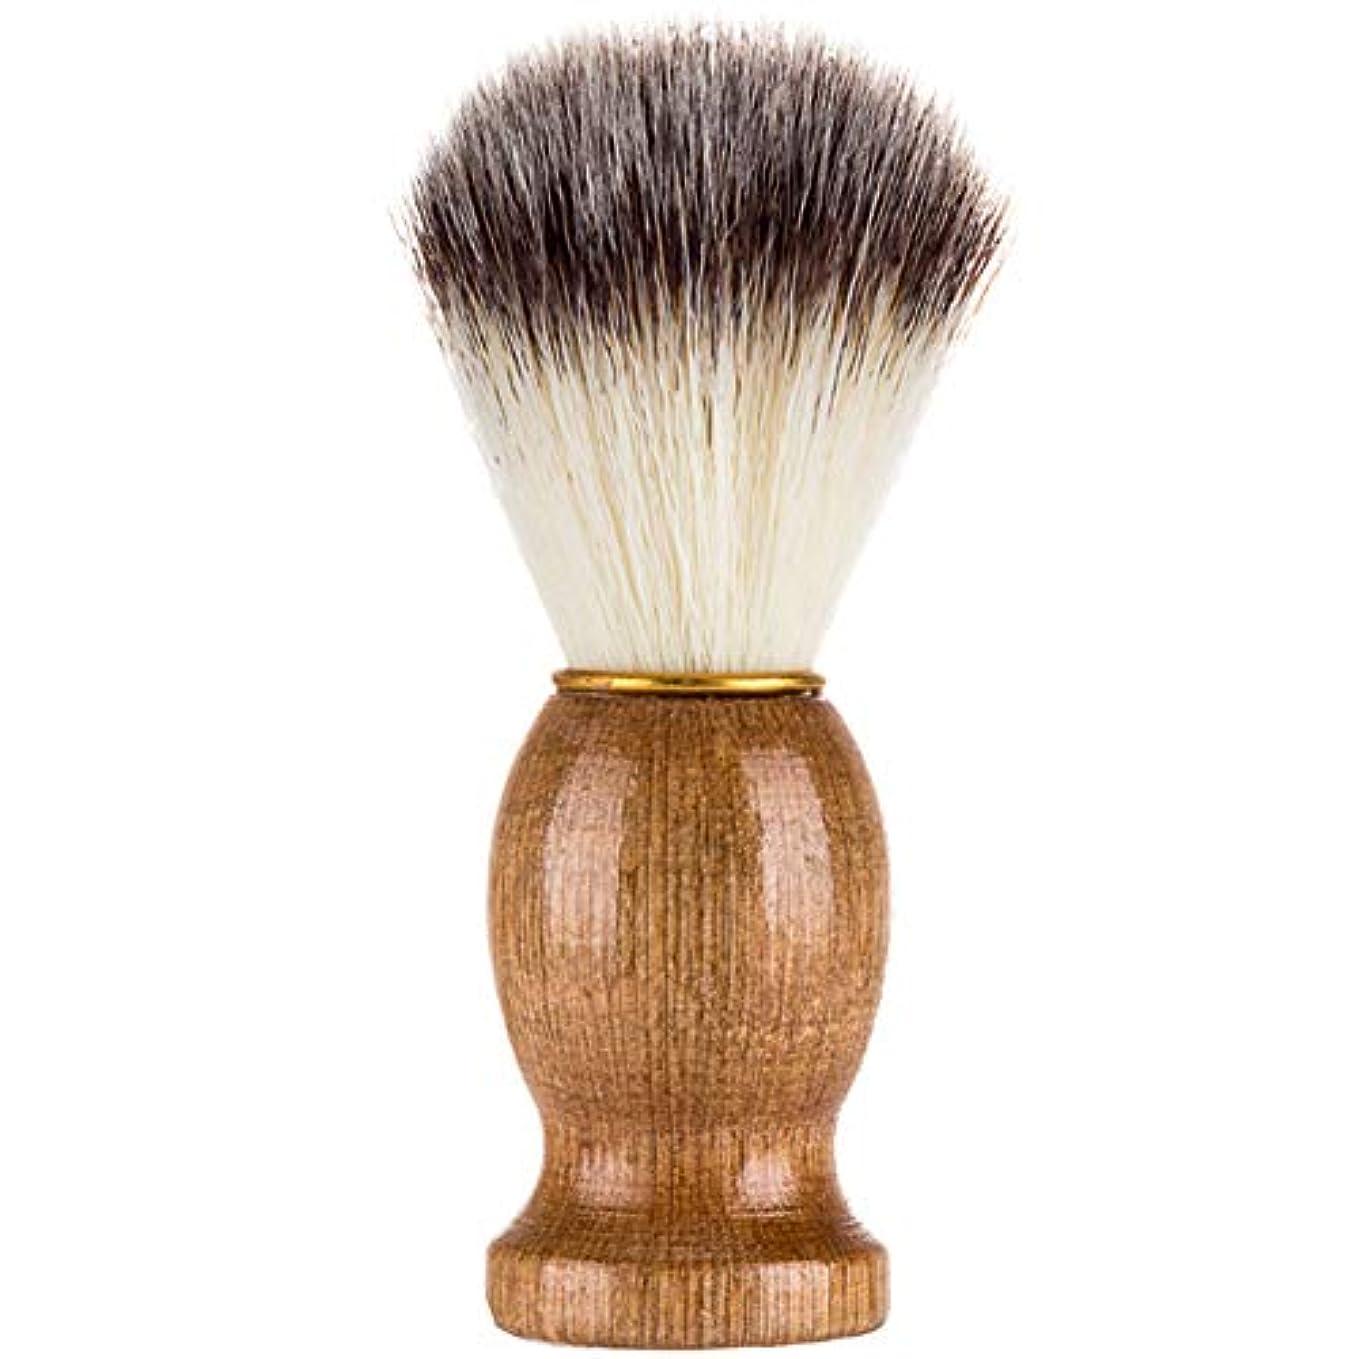 役員シンボル記念碑Profeel シェービングブラシ、シェービングブラシ、男性シェービングブラシシェービングかみそりブラシサロン理髪店用ツールひげ剃り用品